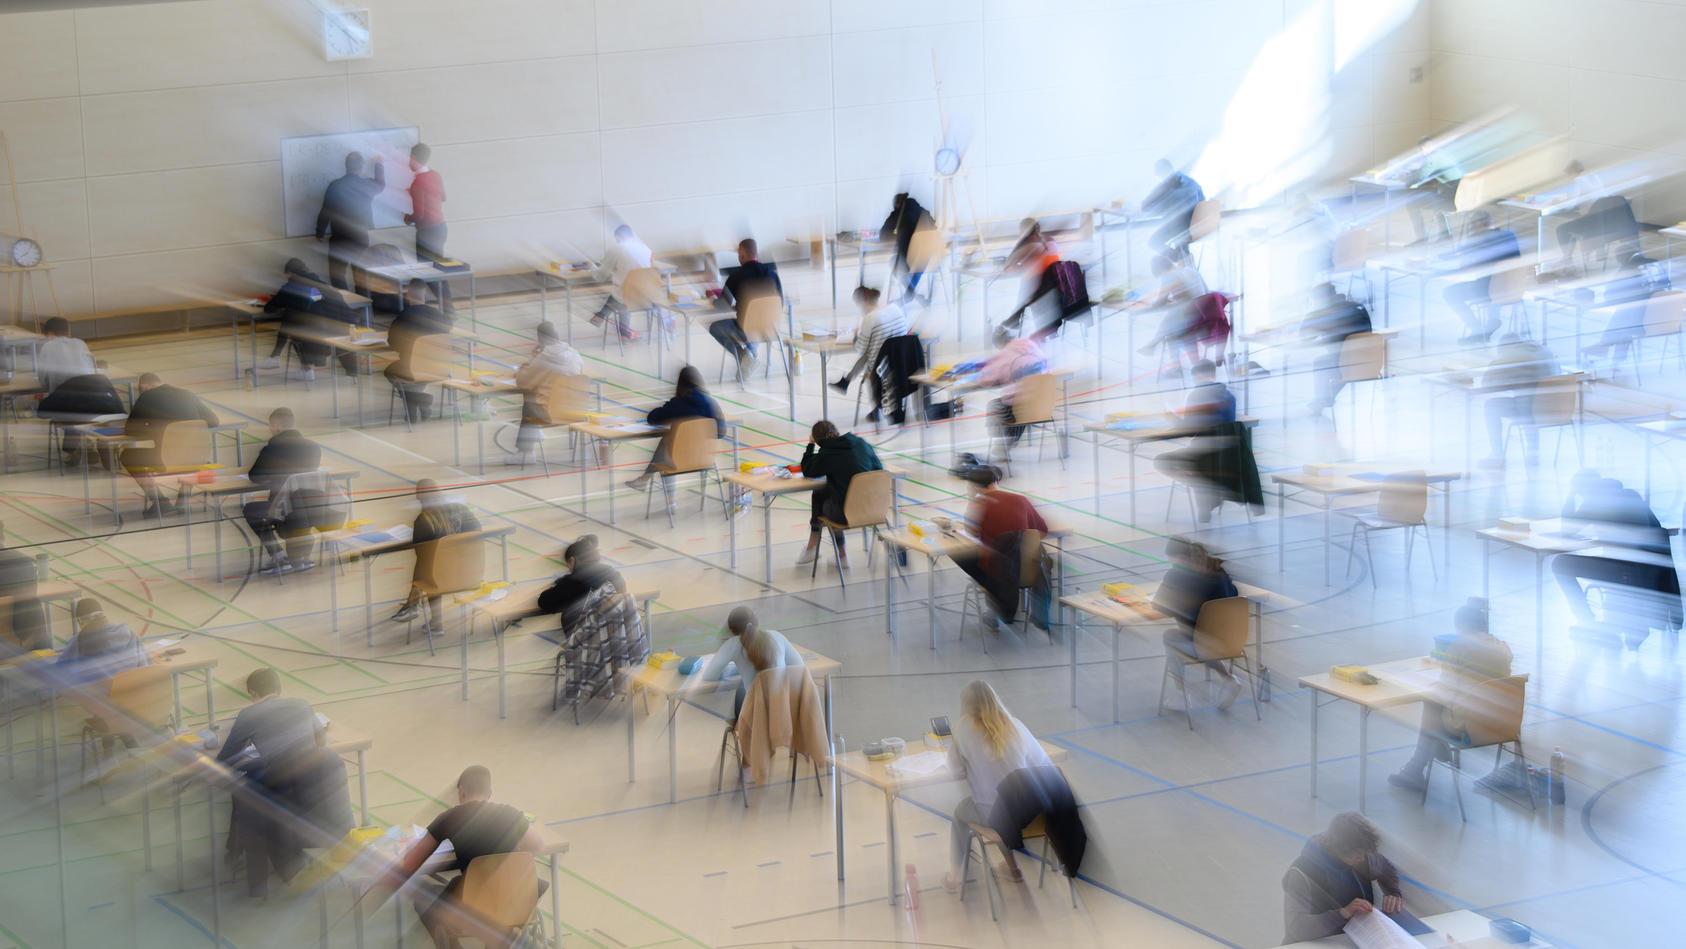 Symbolbild. Im Ville-Gymnasium in Erftstadt standen eigentlich Abiturprüfungen an. Am Morgen ging eine E-Mail ein, die das verhinderte und einen Polizei-Großeinsatz auslöste.